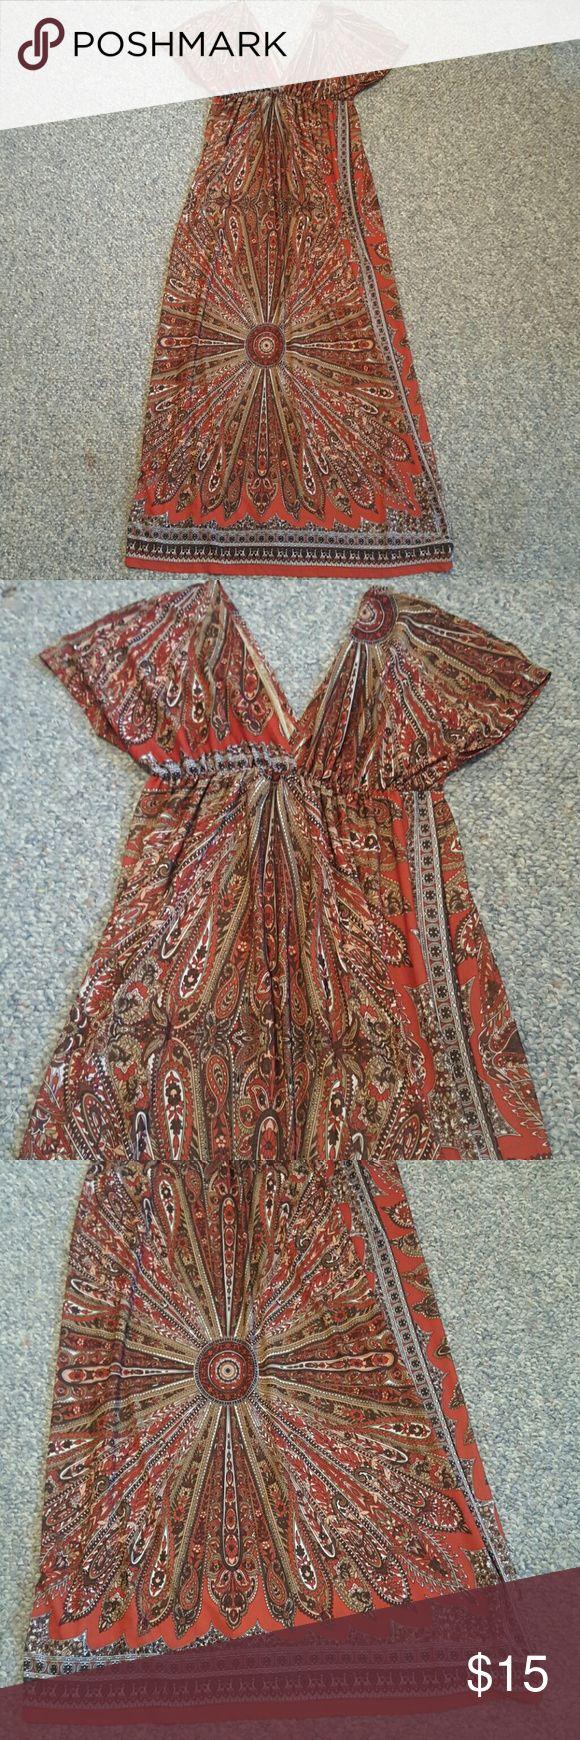 Body Central Maxi Dress Cute aztec-print maxi dress. Body Central Dresses Maxi